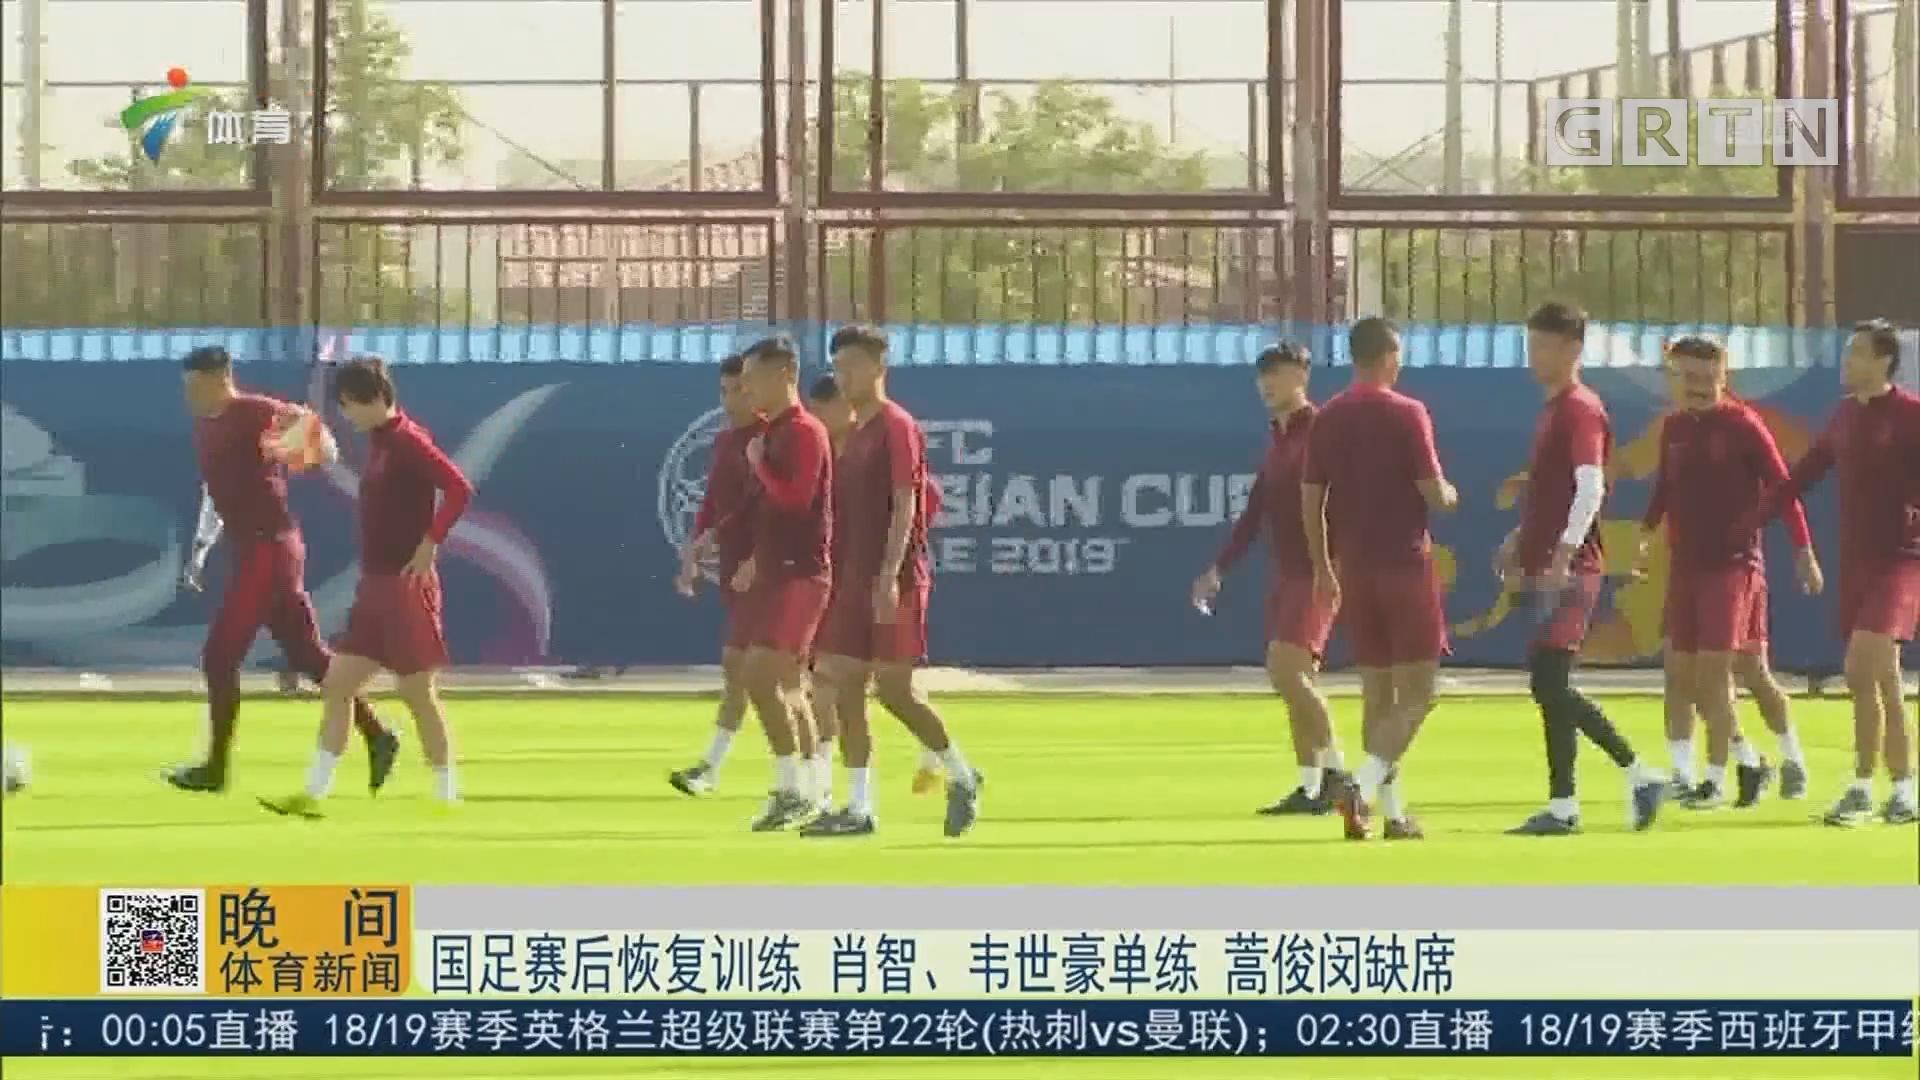 国足赛后恢复训练 肖智、韦世豪单练 蒿俊闵缺席